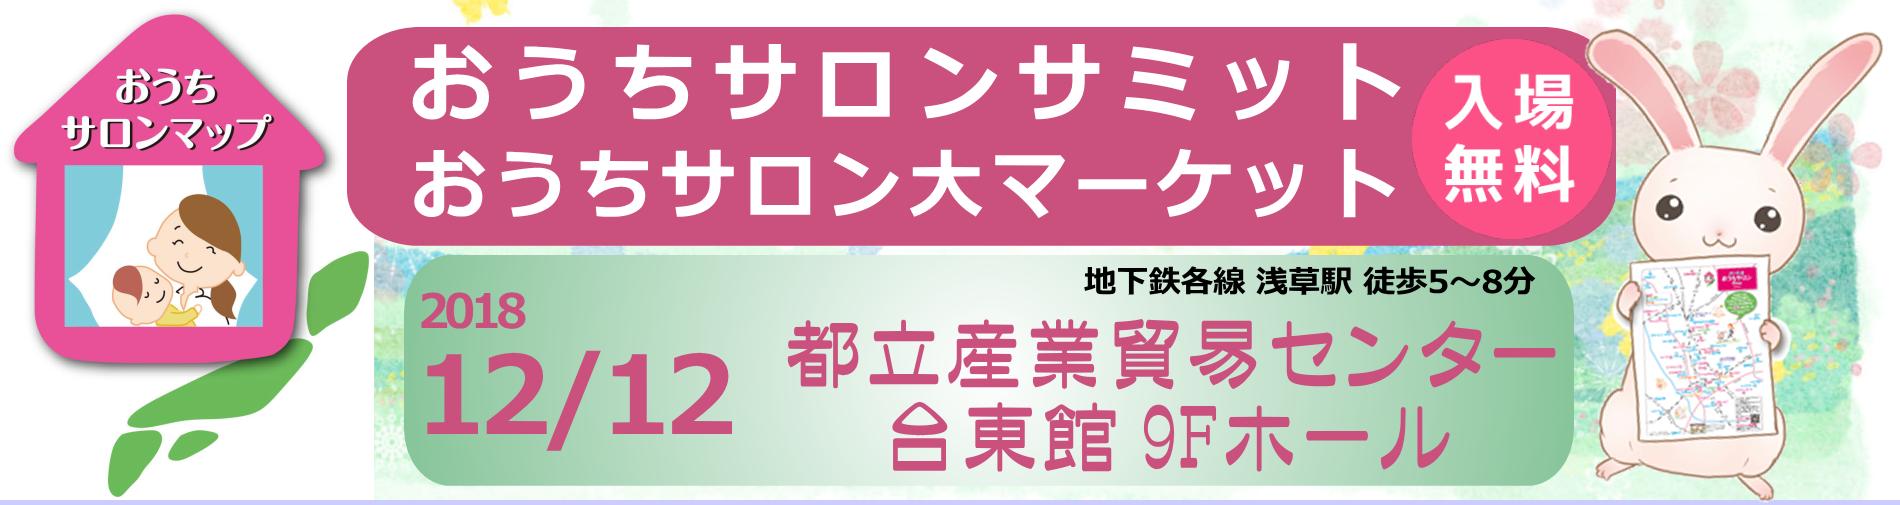 第9回おうちサロン大マーケット